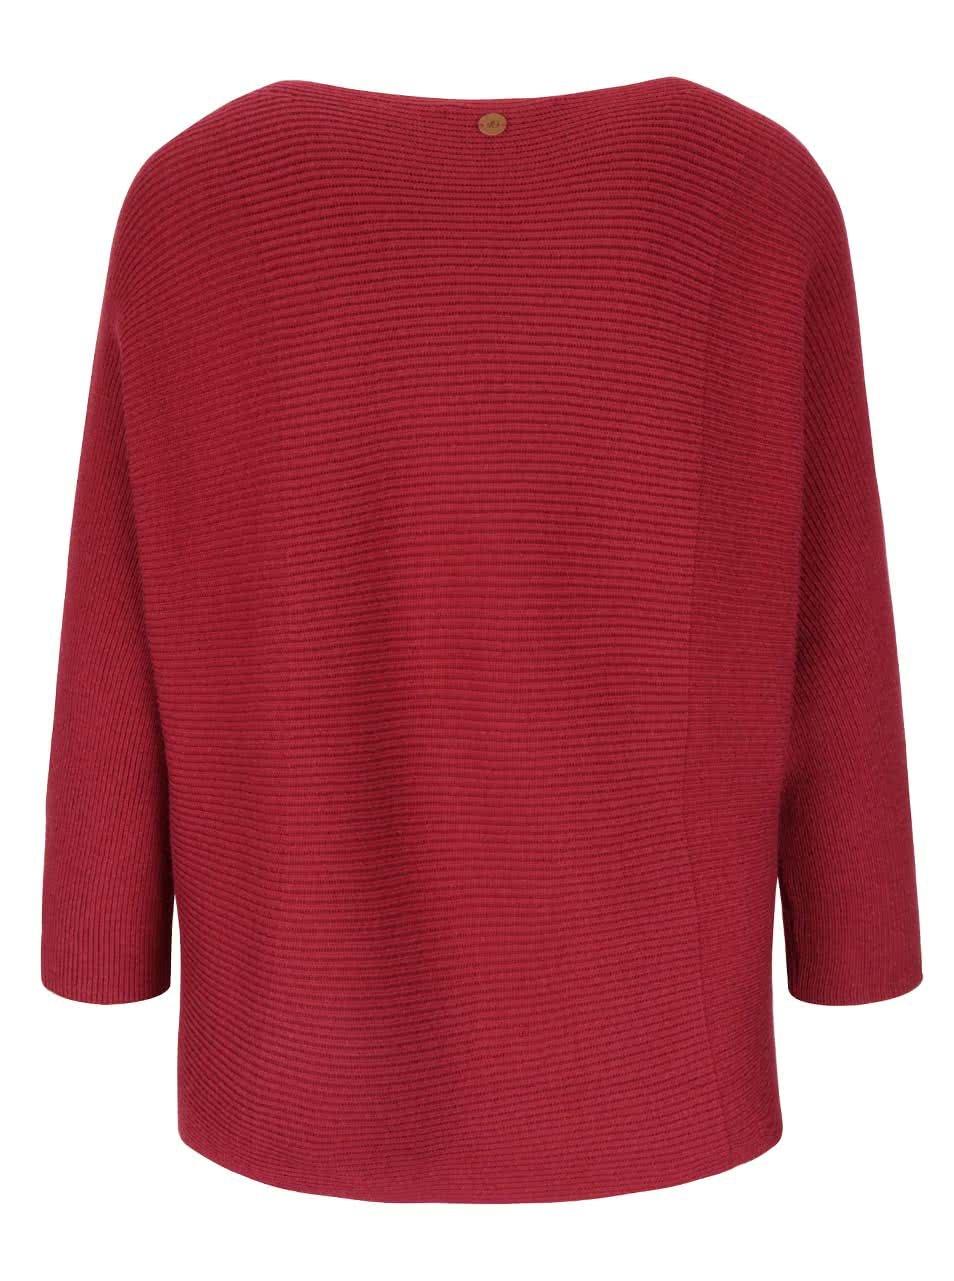 cadc400ee26 Vínový dámský svetr s tříčtvrtečním rukávem s.Oliver